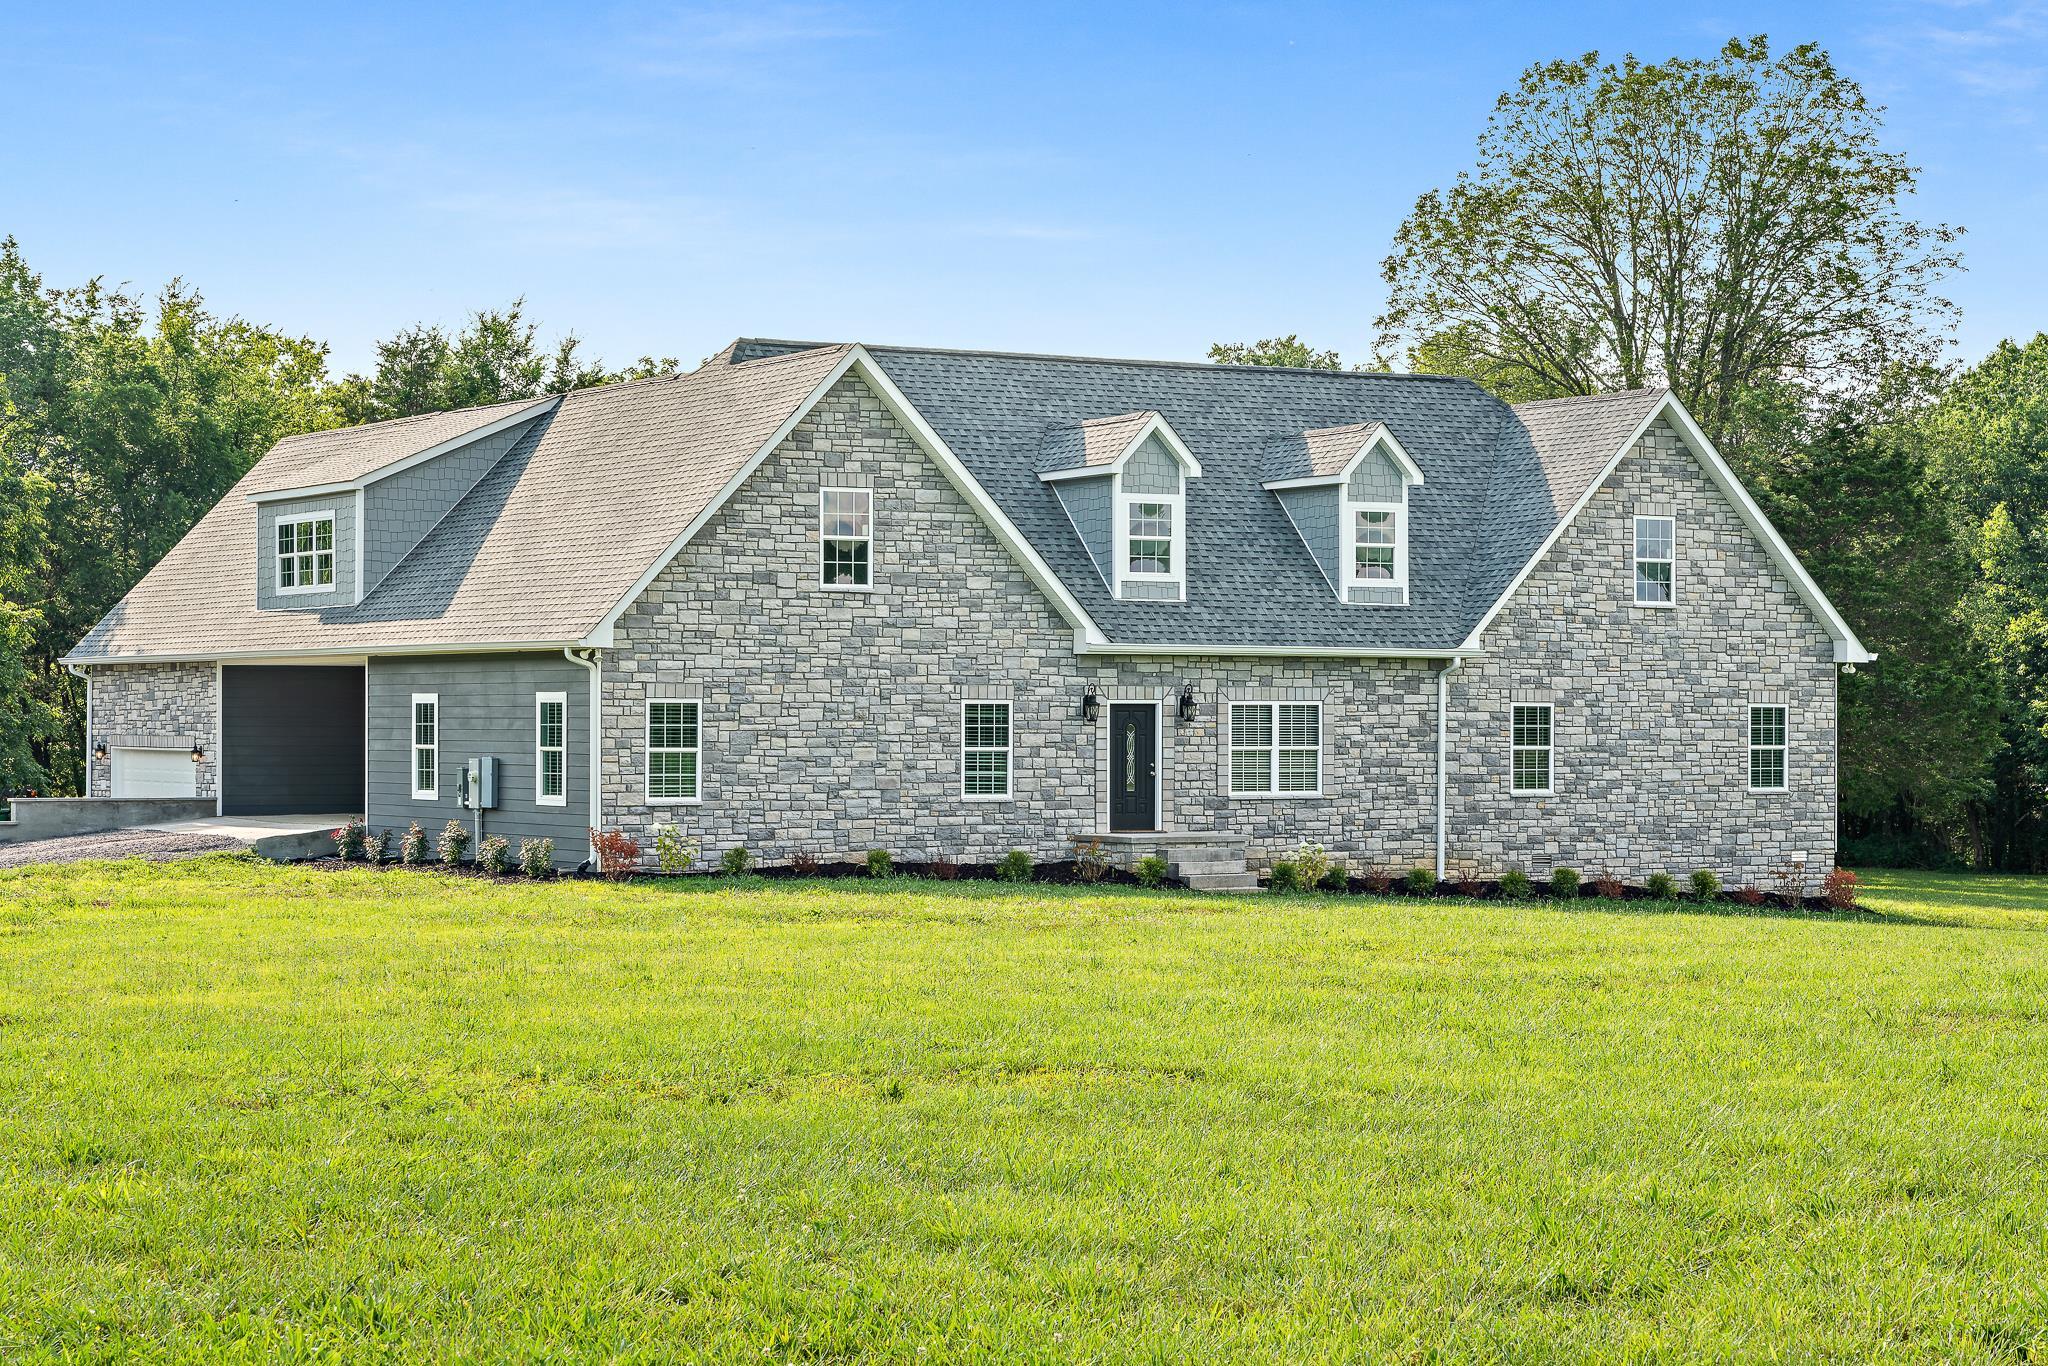 5250 Mankin McKnight Rd, Murfreesboro, TN 37127 - Murfreesboro, TN real estate listing